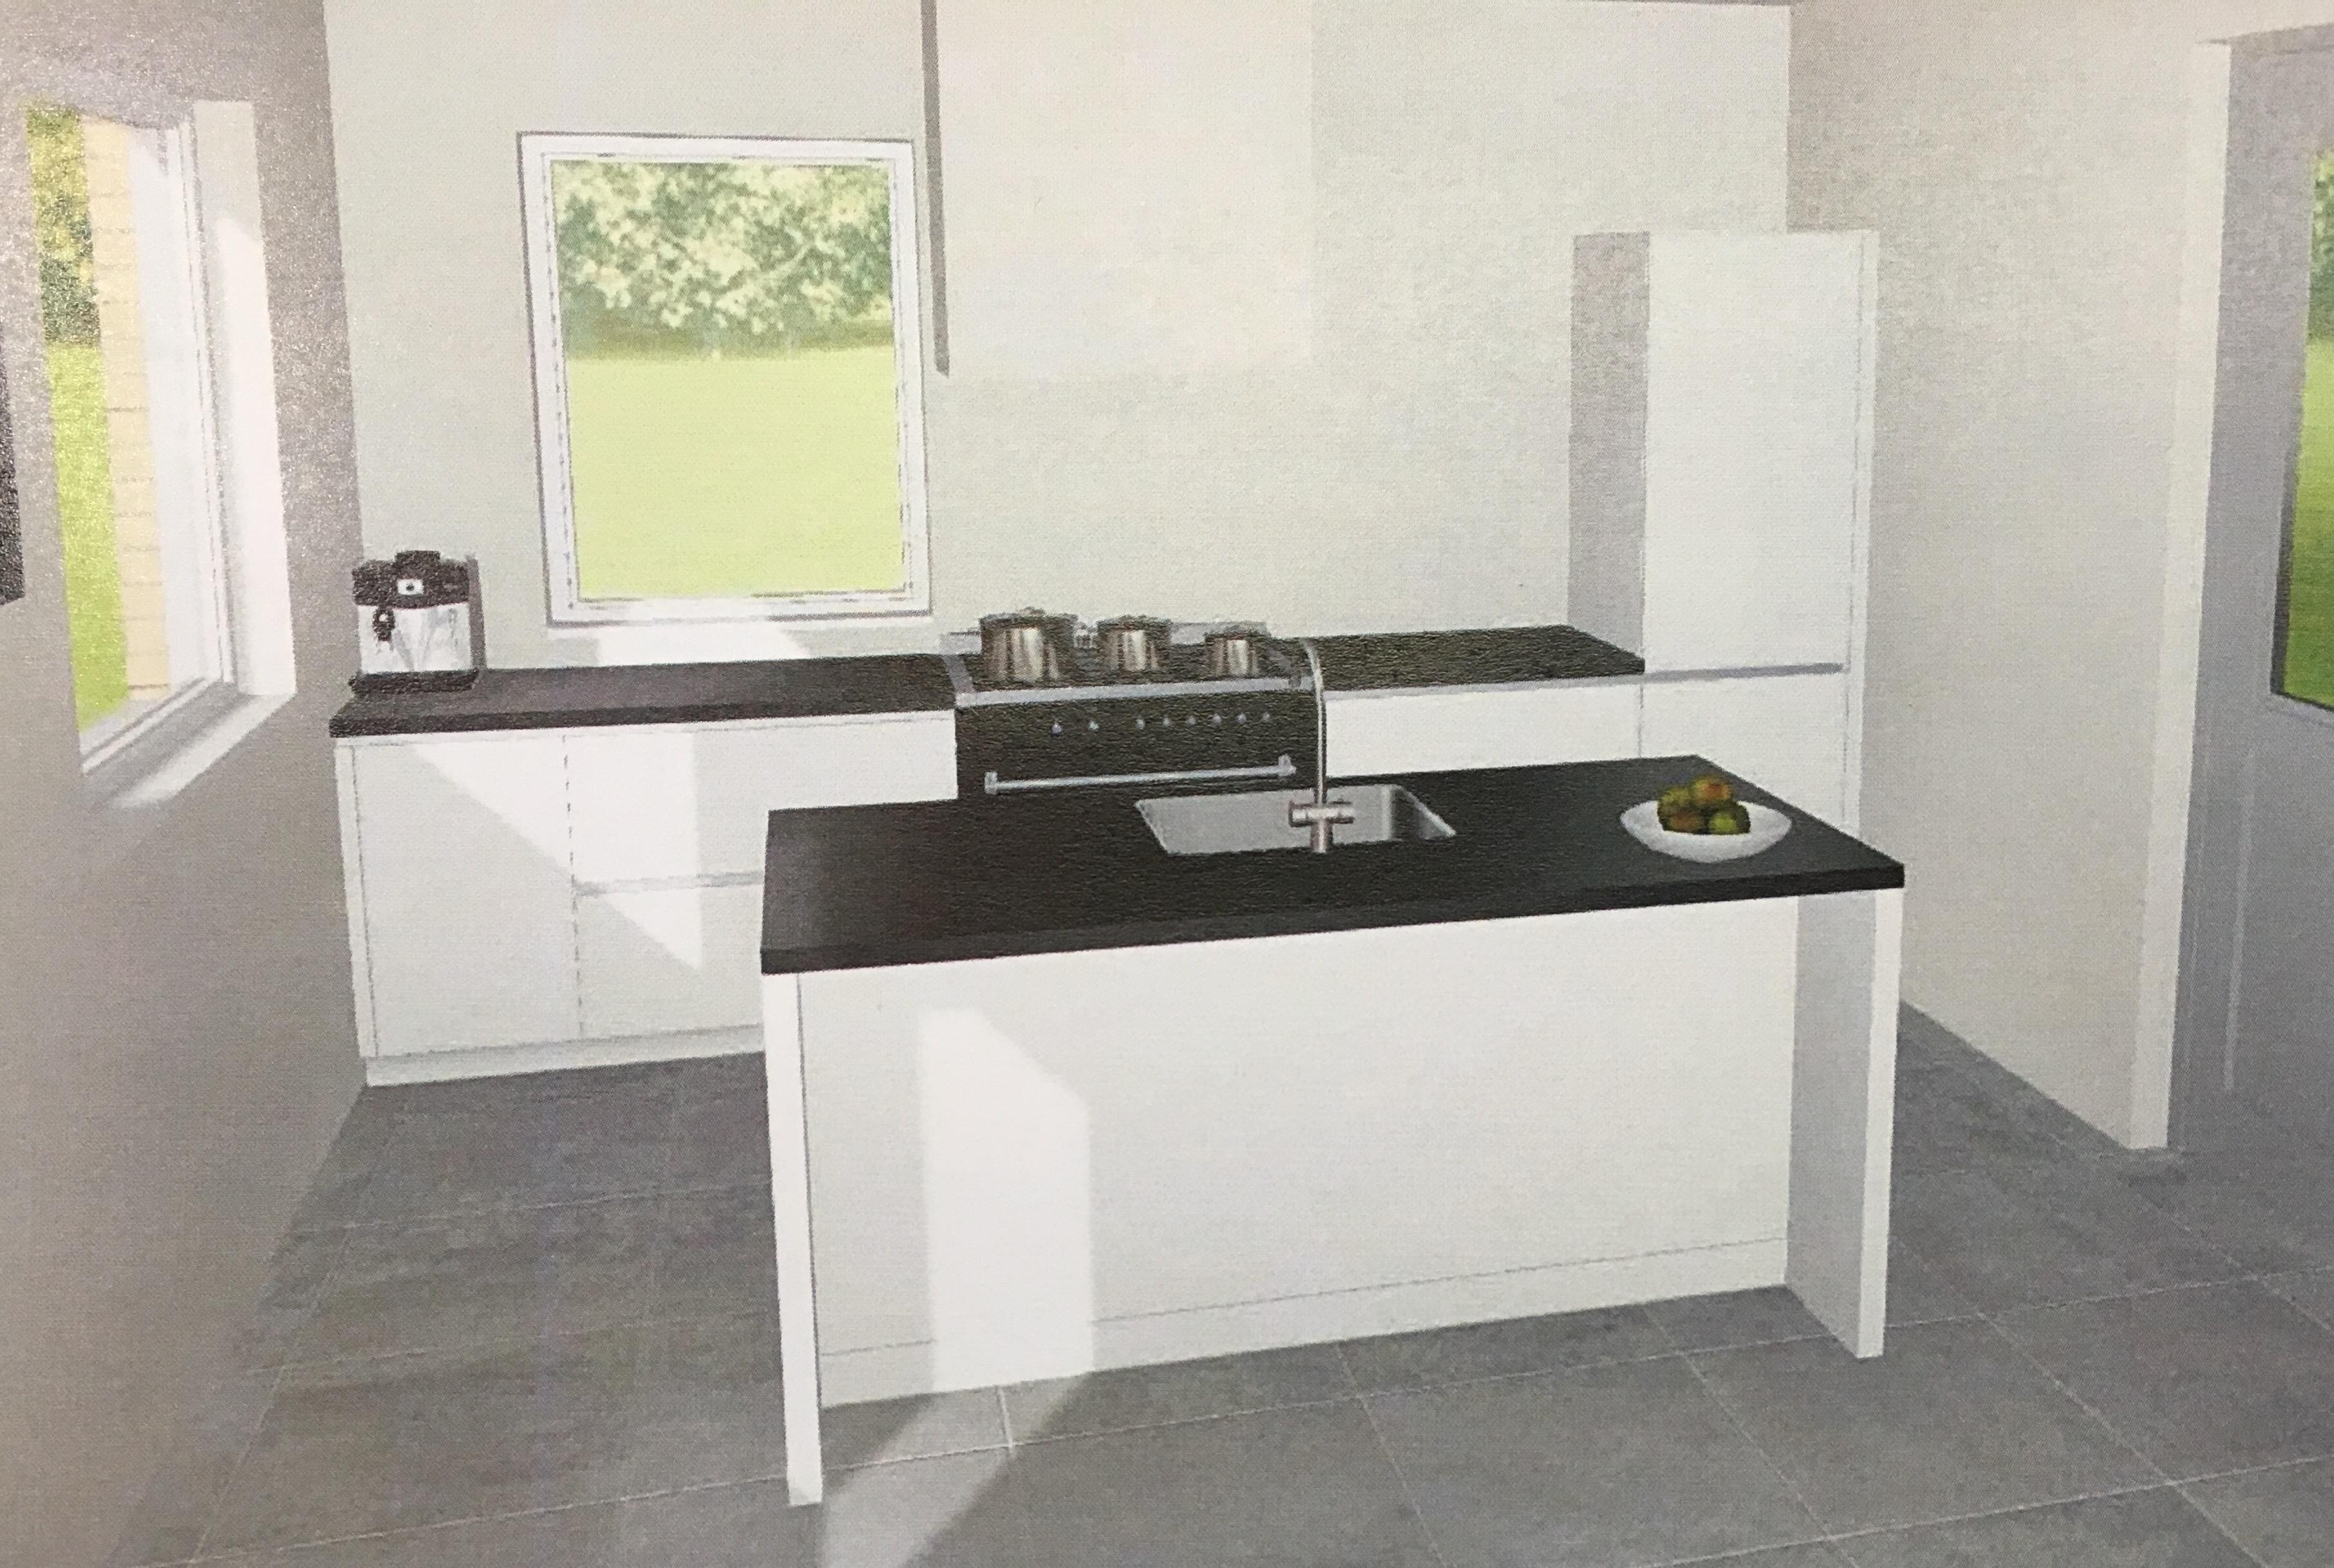 Keuken keuzes #3: de vloer - Inspiraties - ShowHome.nl